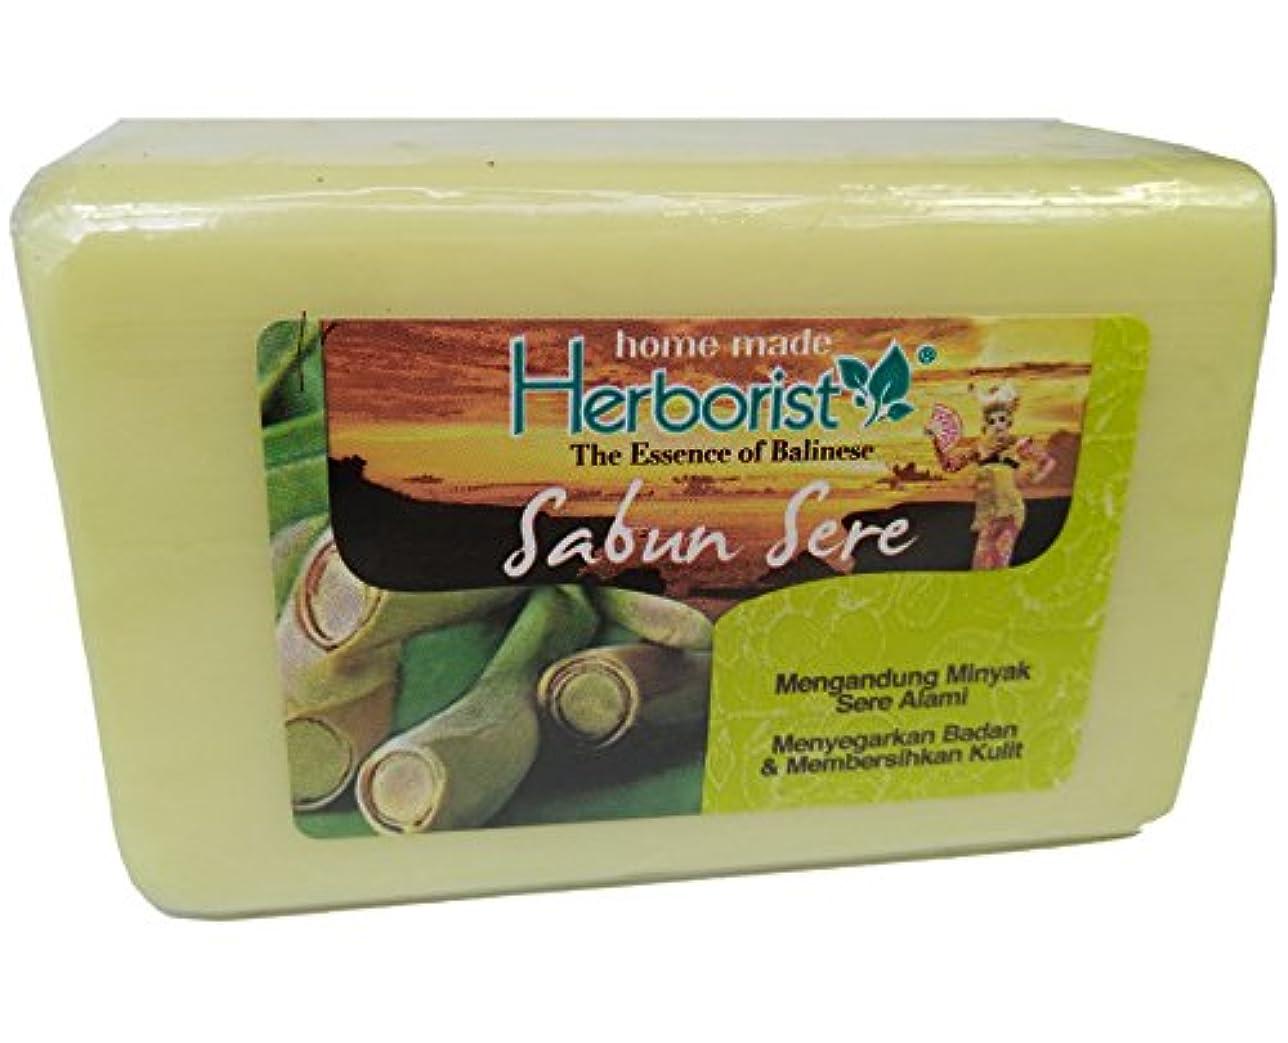 塊対処する無意識Herborist Sabun Sere ハーボリストセアソープ 160g 天然シトロネラオイル配合